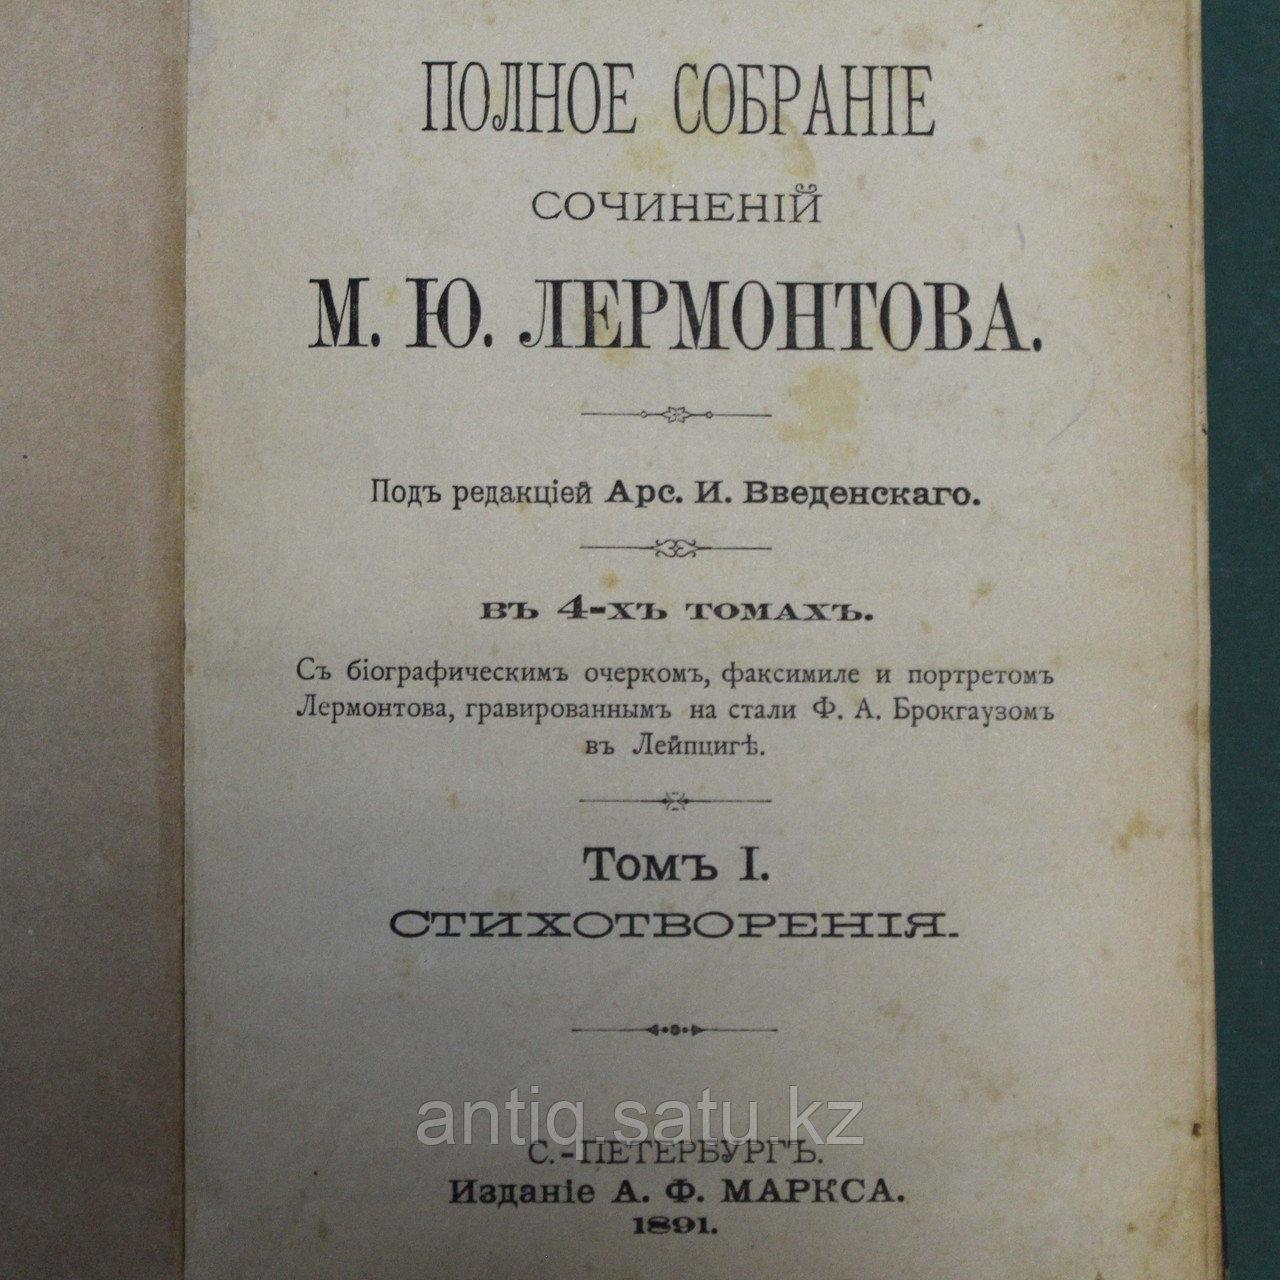 ПОЛНОЕ СОБРАНИЕ СОЧИНЕНИЙ М.Ю. ЛЕРМОНТОВА - фото 6